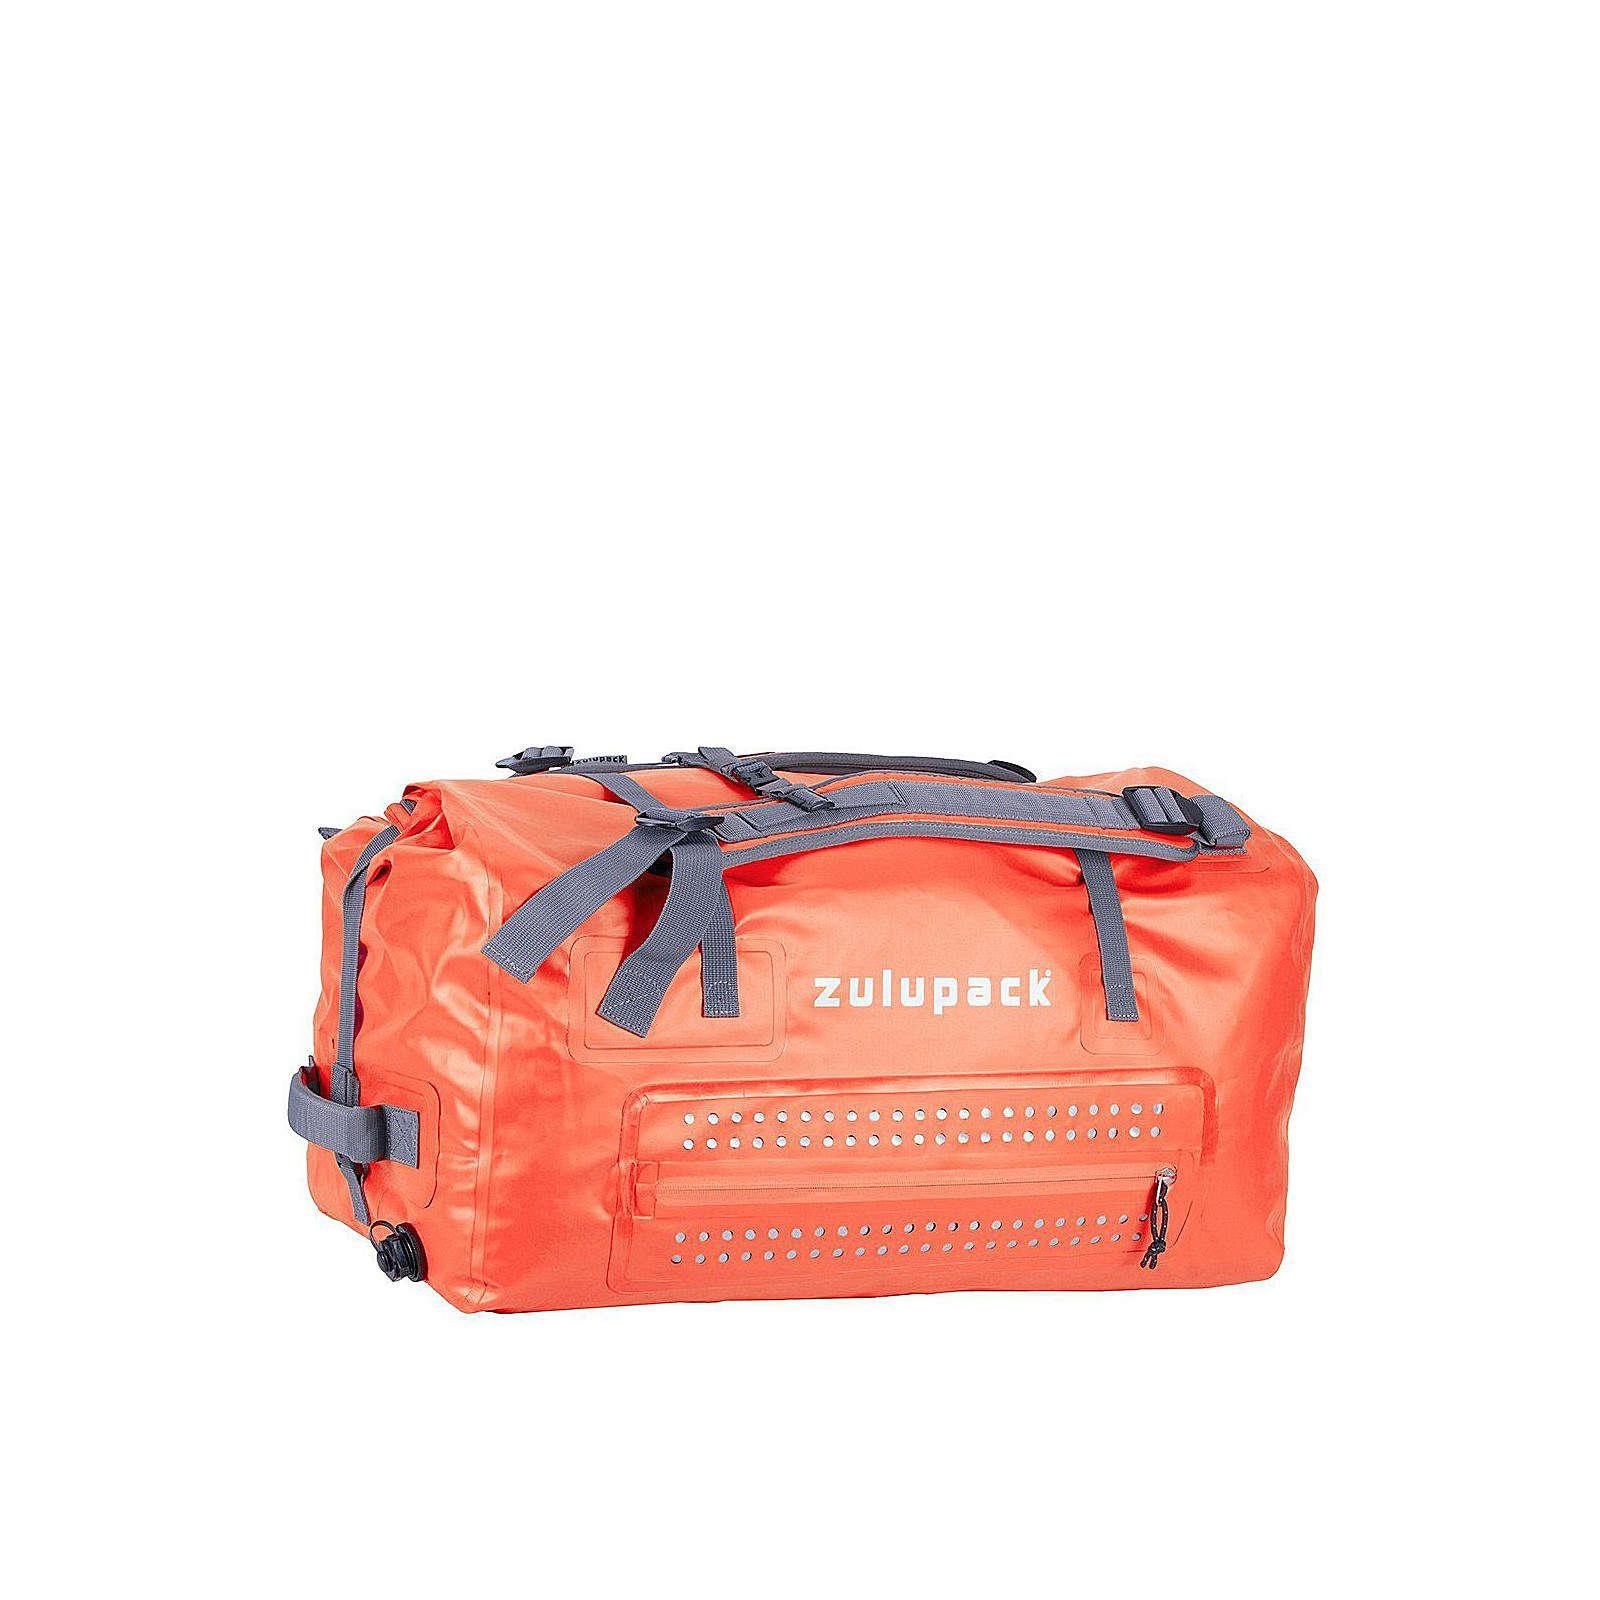 Zulupack Borneo Reisetasche 85 L waterproof 70 cm Reisetaschen orange